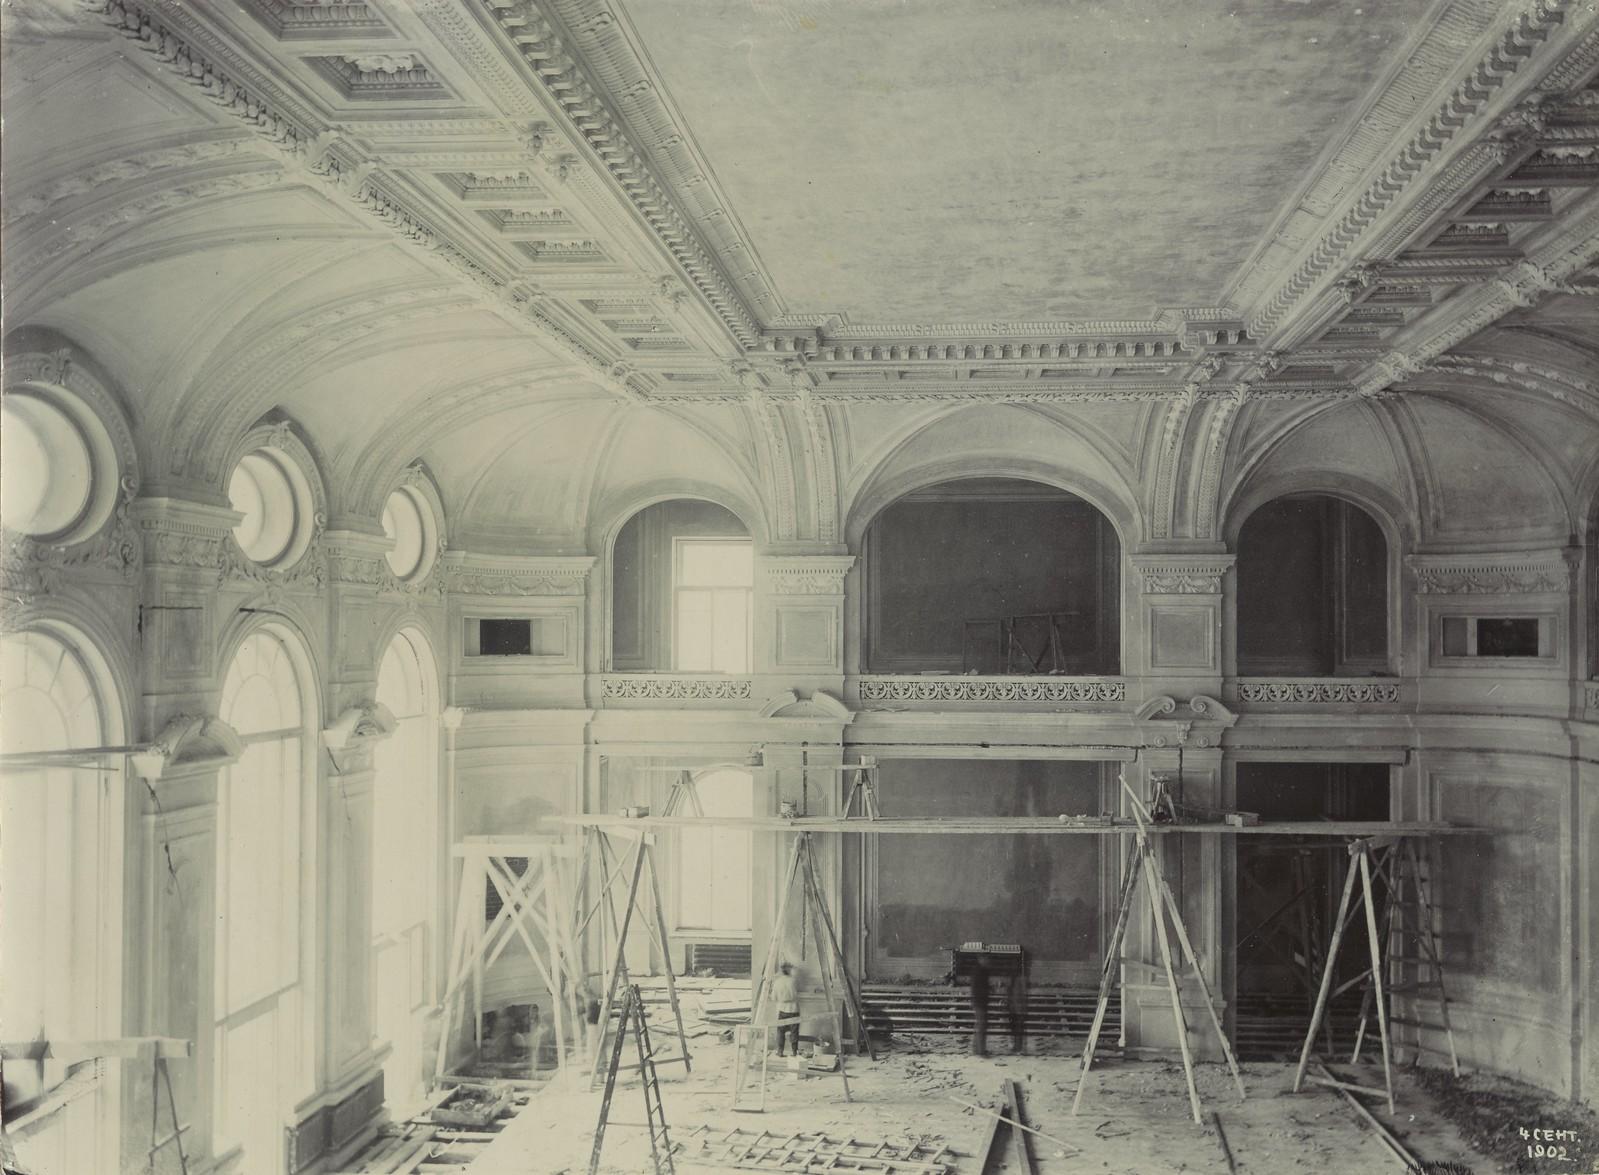 08. 1902. 4 сентября. Строительство актового зала.